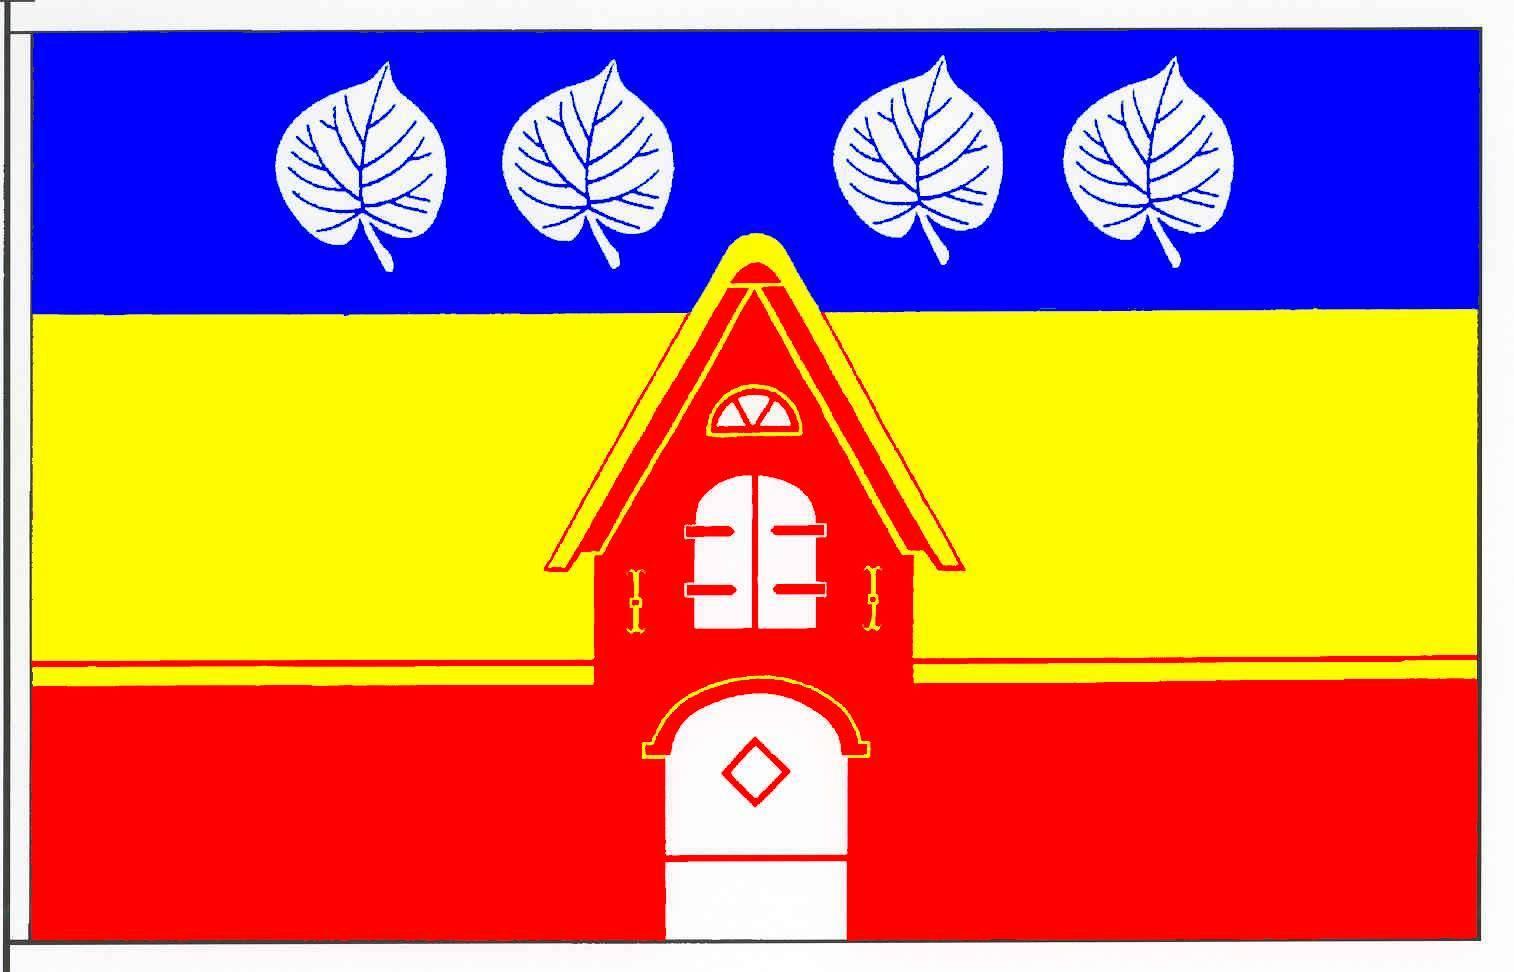 Flagge GemeindeRisum-Lindholm, Kreis Nordfriesland